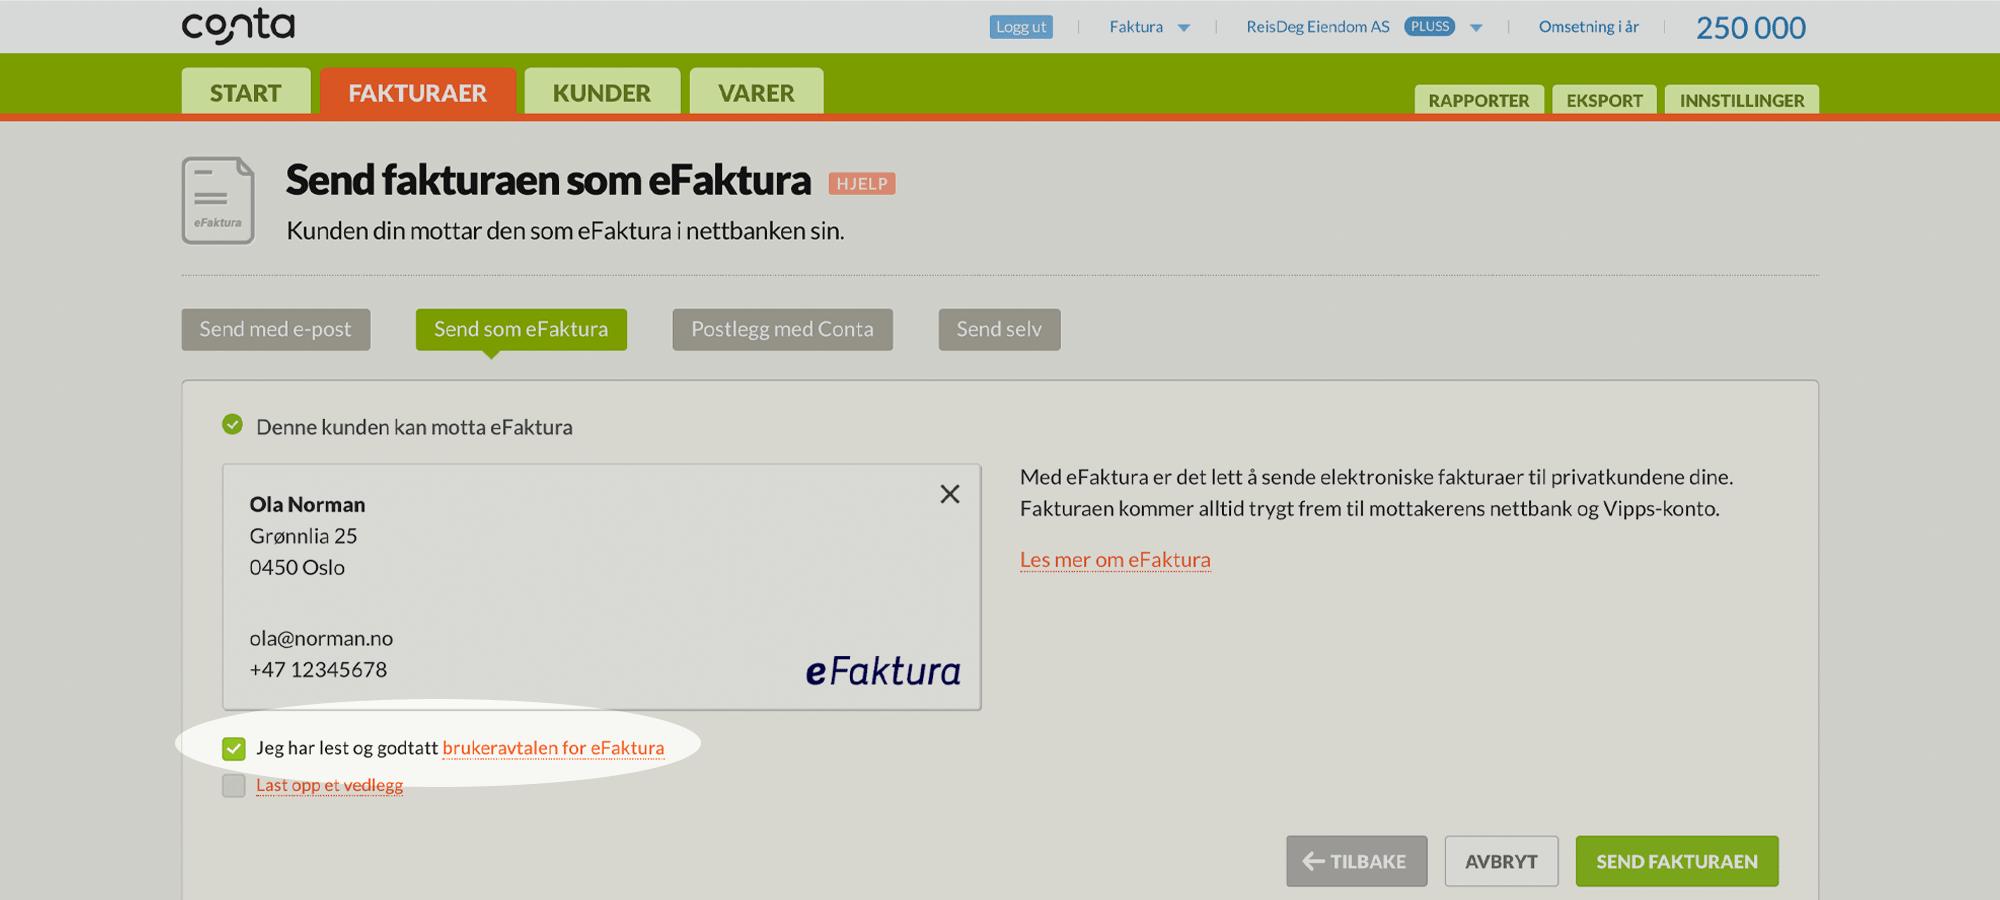 Huk av for brukeravtalen i Conta første gang du sender eFaktura